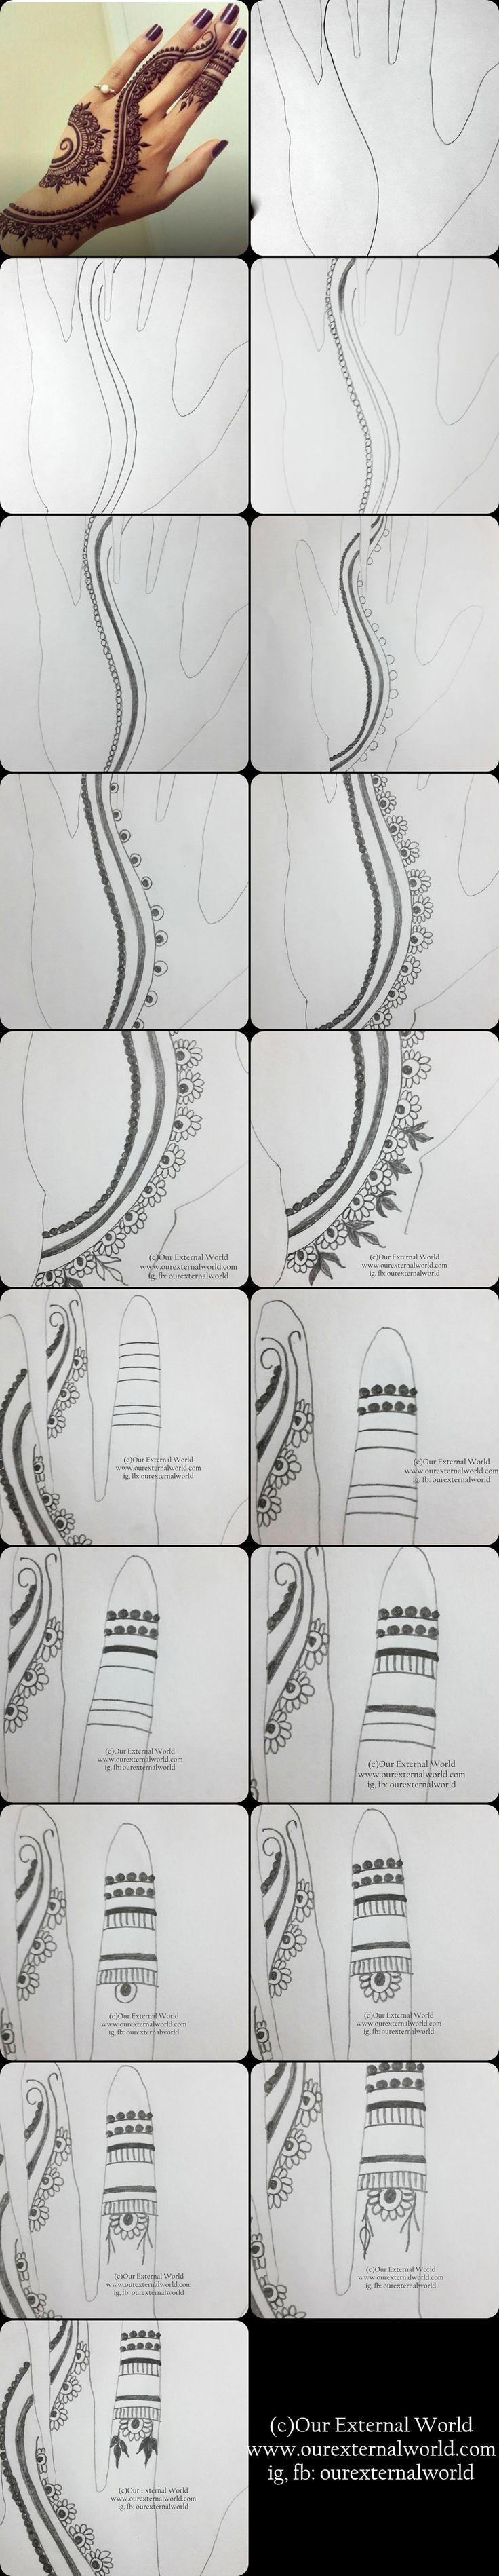 1000 Ide Tentang Desain Henna Di Pinterest Inai Mehndi Dan